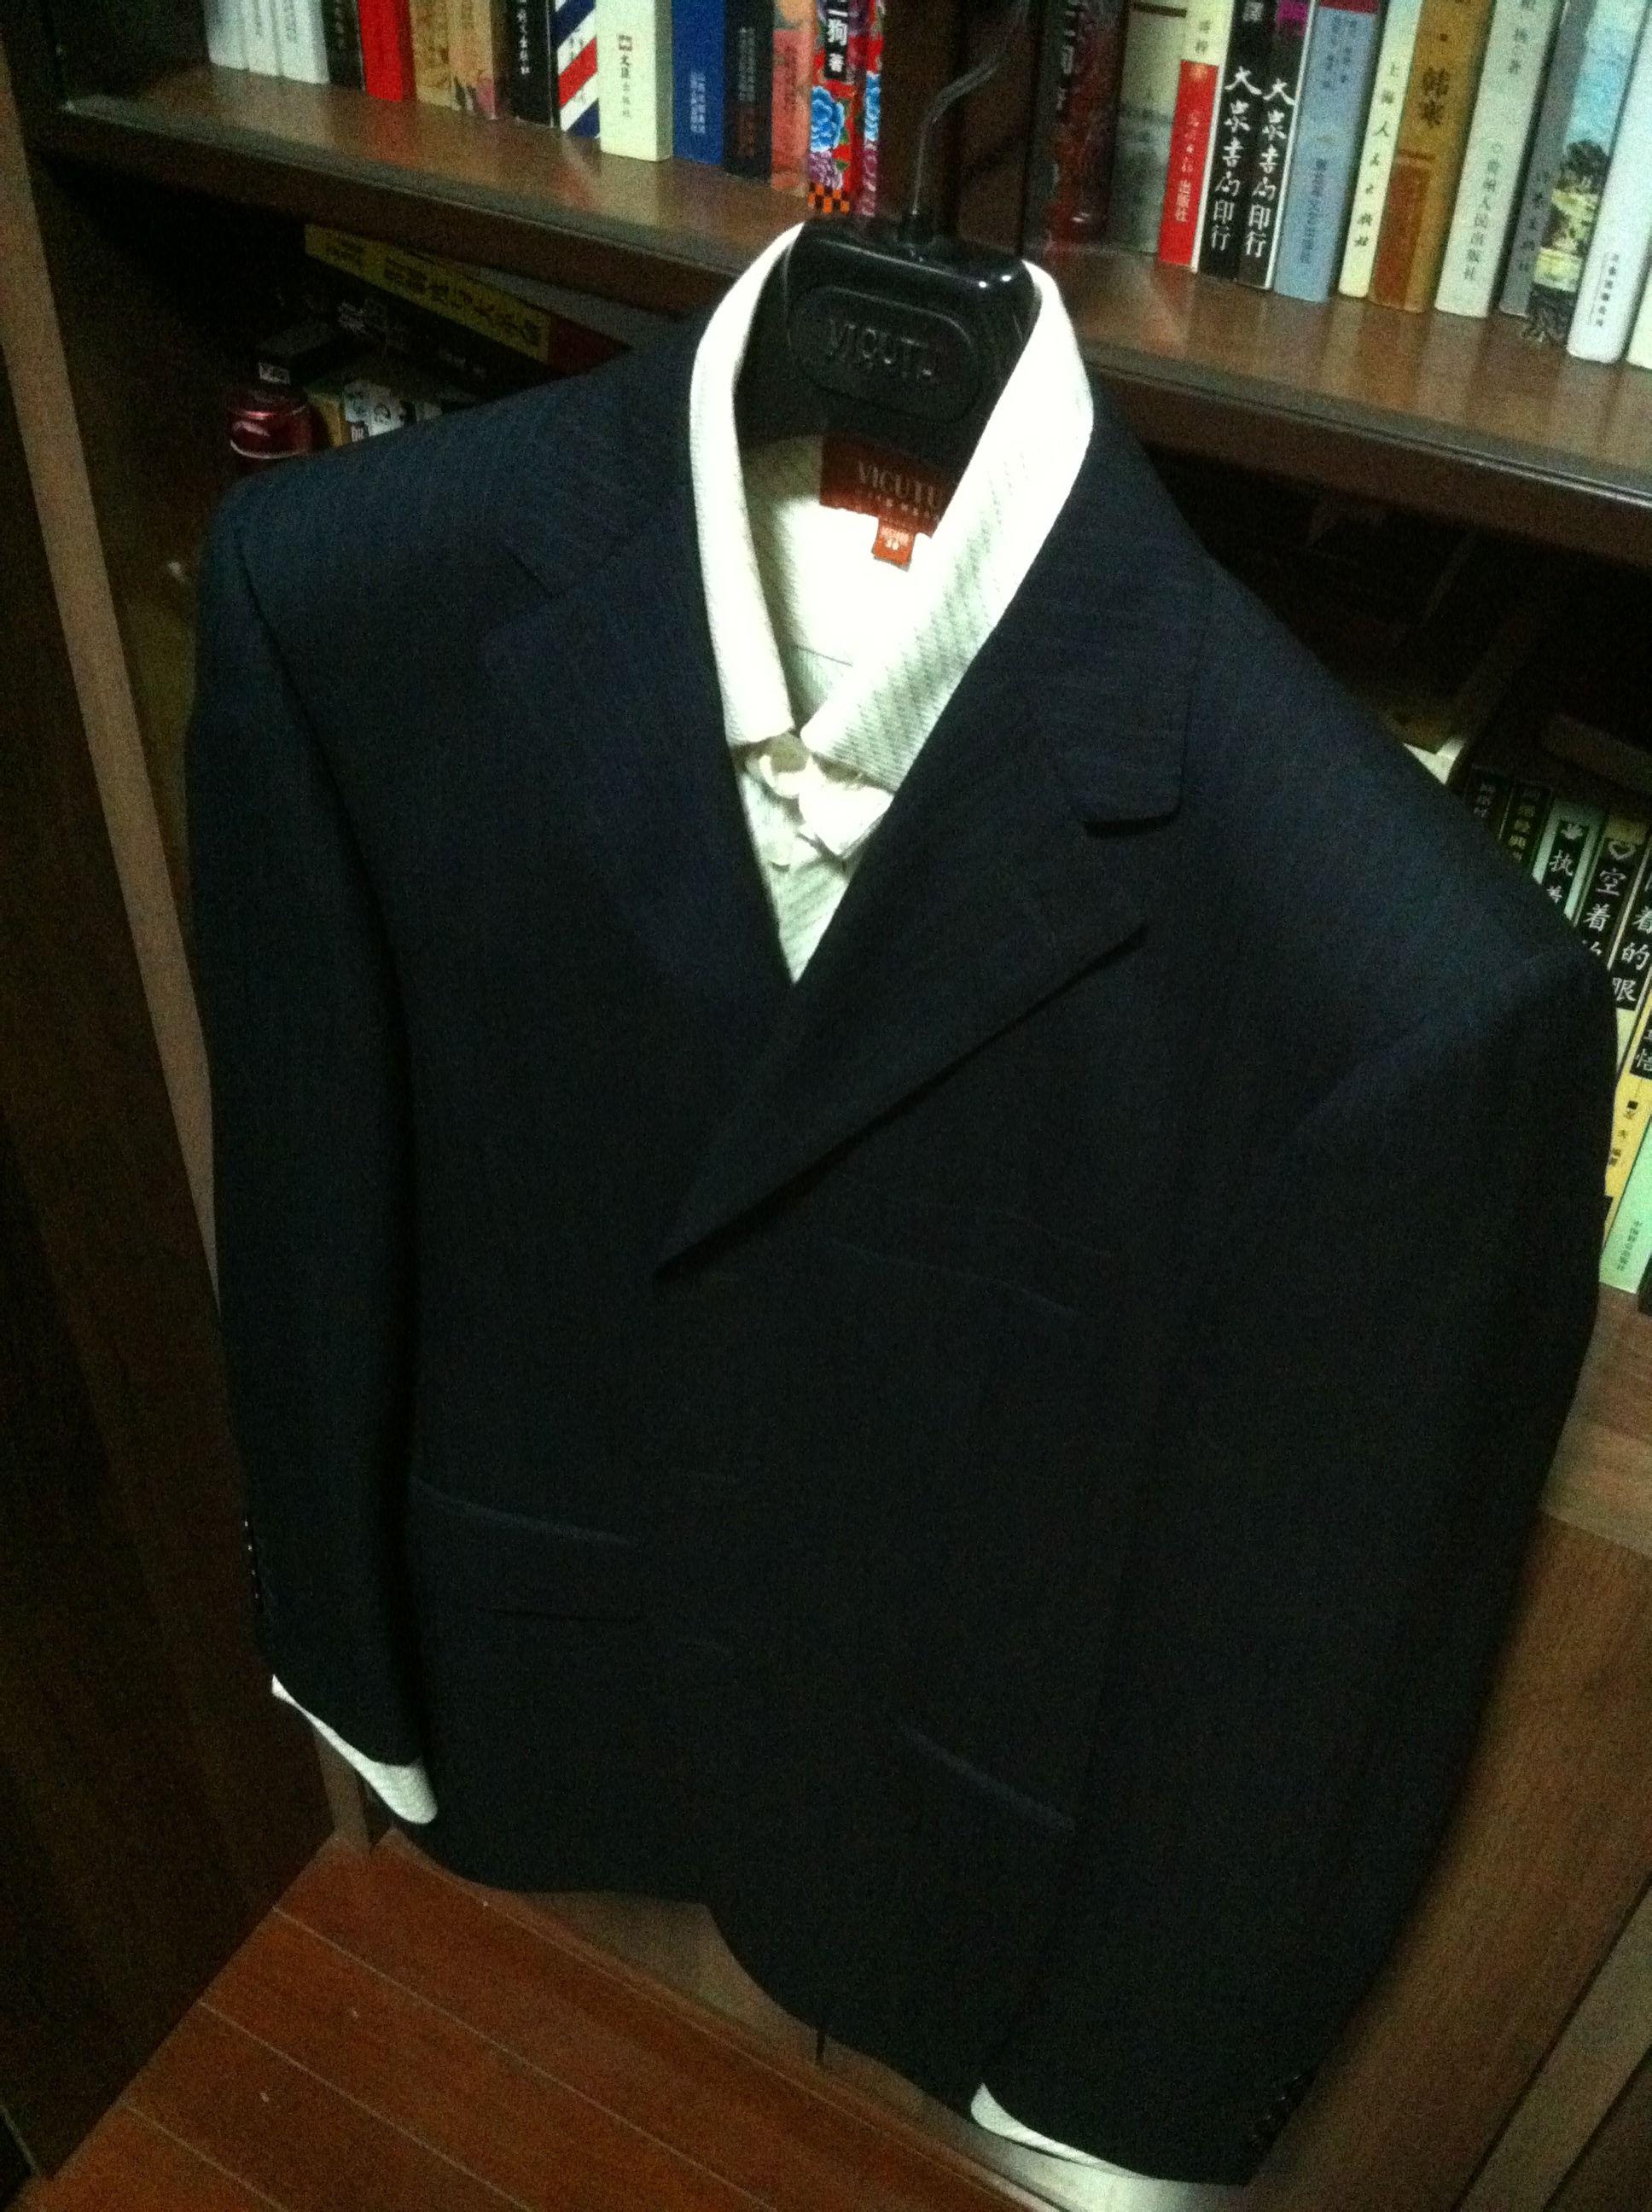 银灰色西装粉色衬衣搭配领带颜色 结婚新郎穿亮银灰色西服